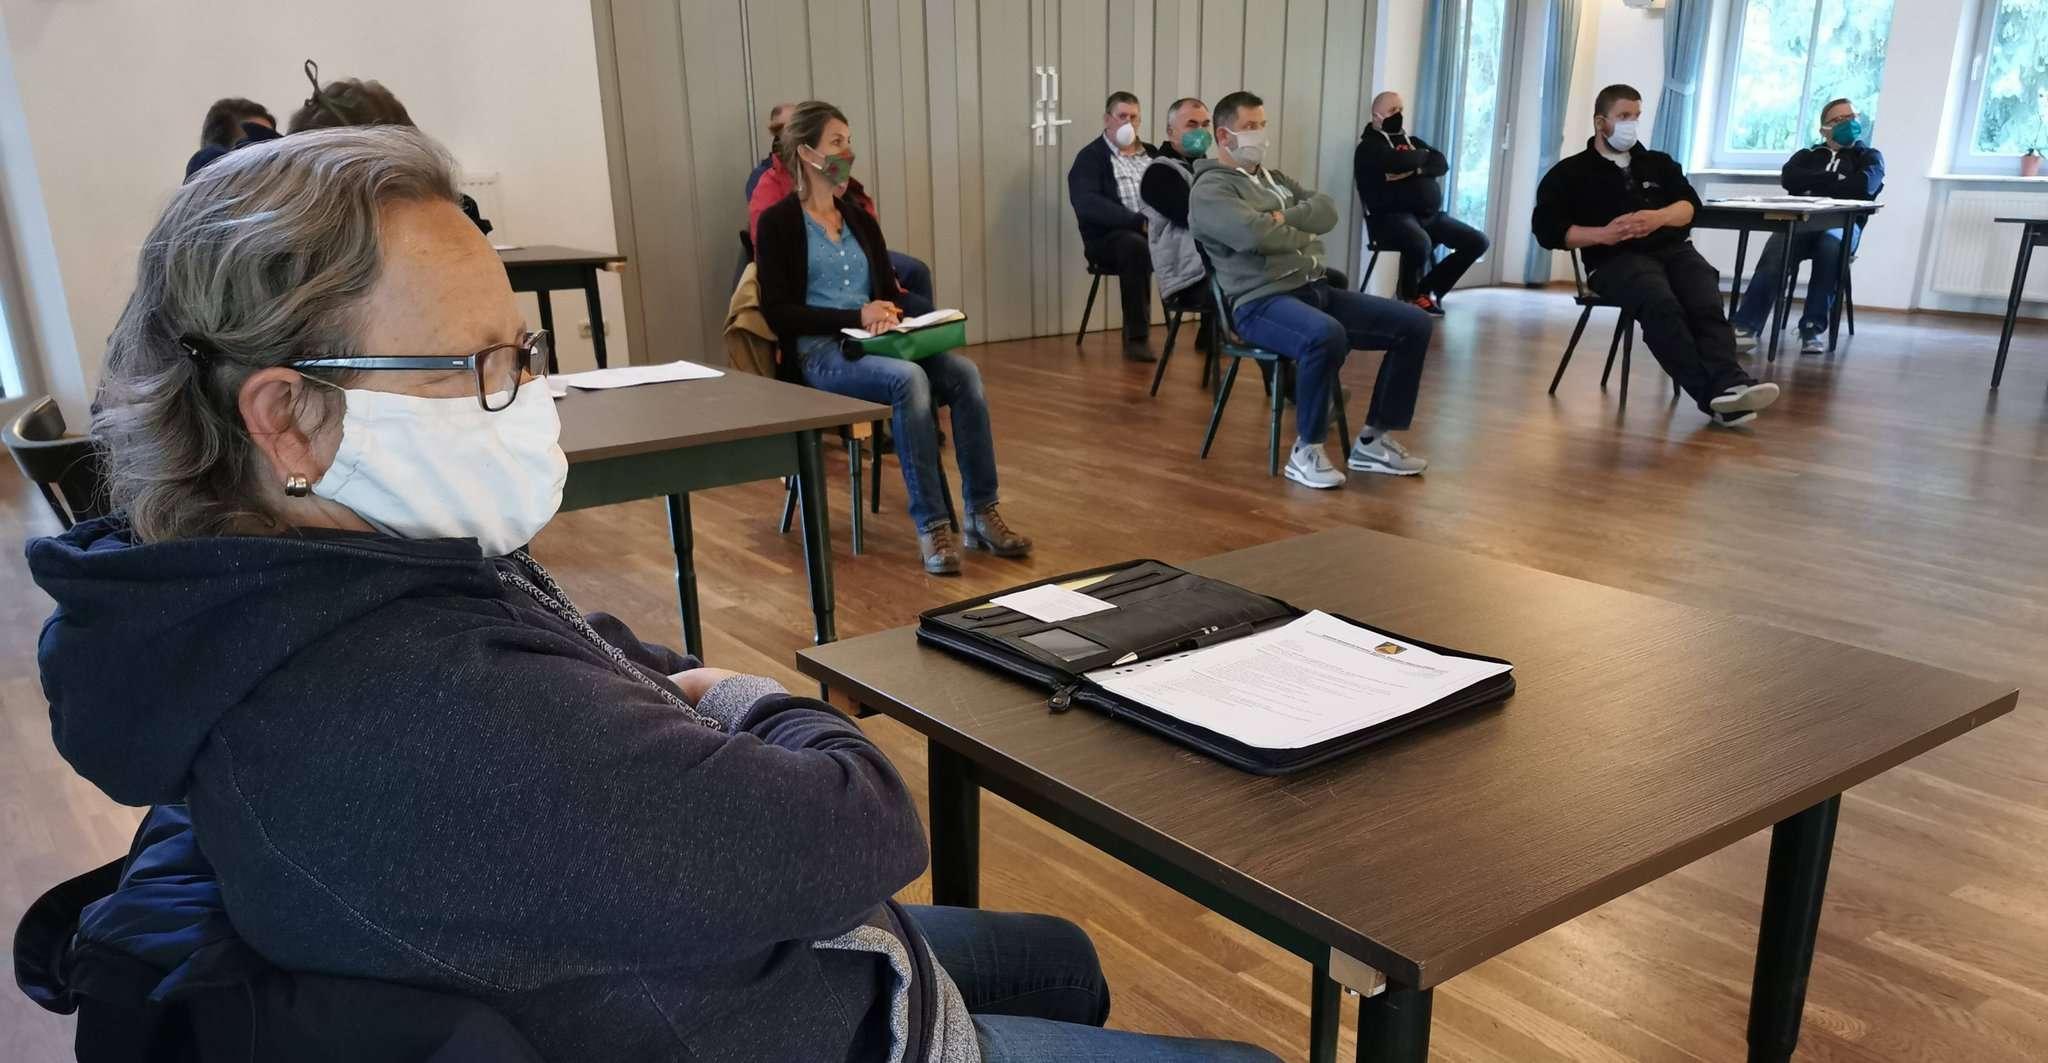 Ratssitzung in Zeiten von Corona. Auf Wunsch von Bürgermeister Michael Schröck trugen alle Ratsmitglieder und Bürger Mund- und Nasenabdeckungen.